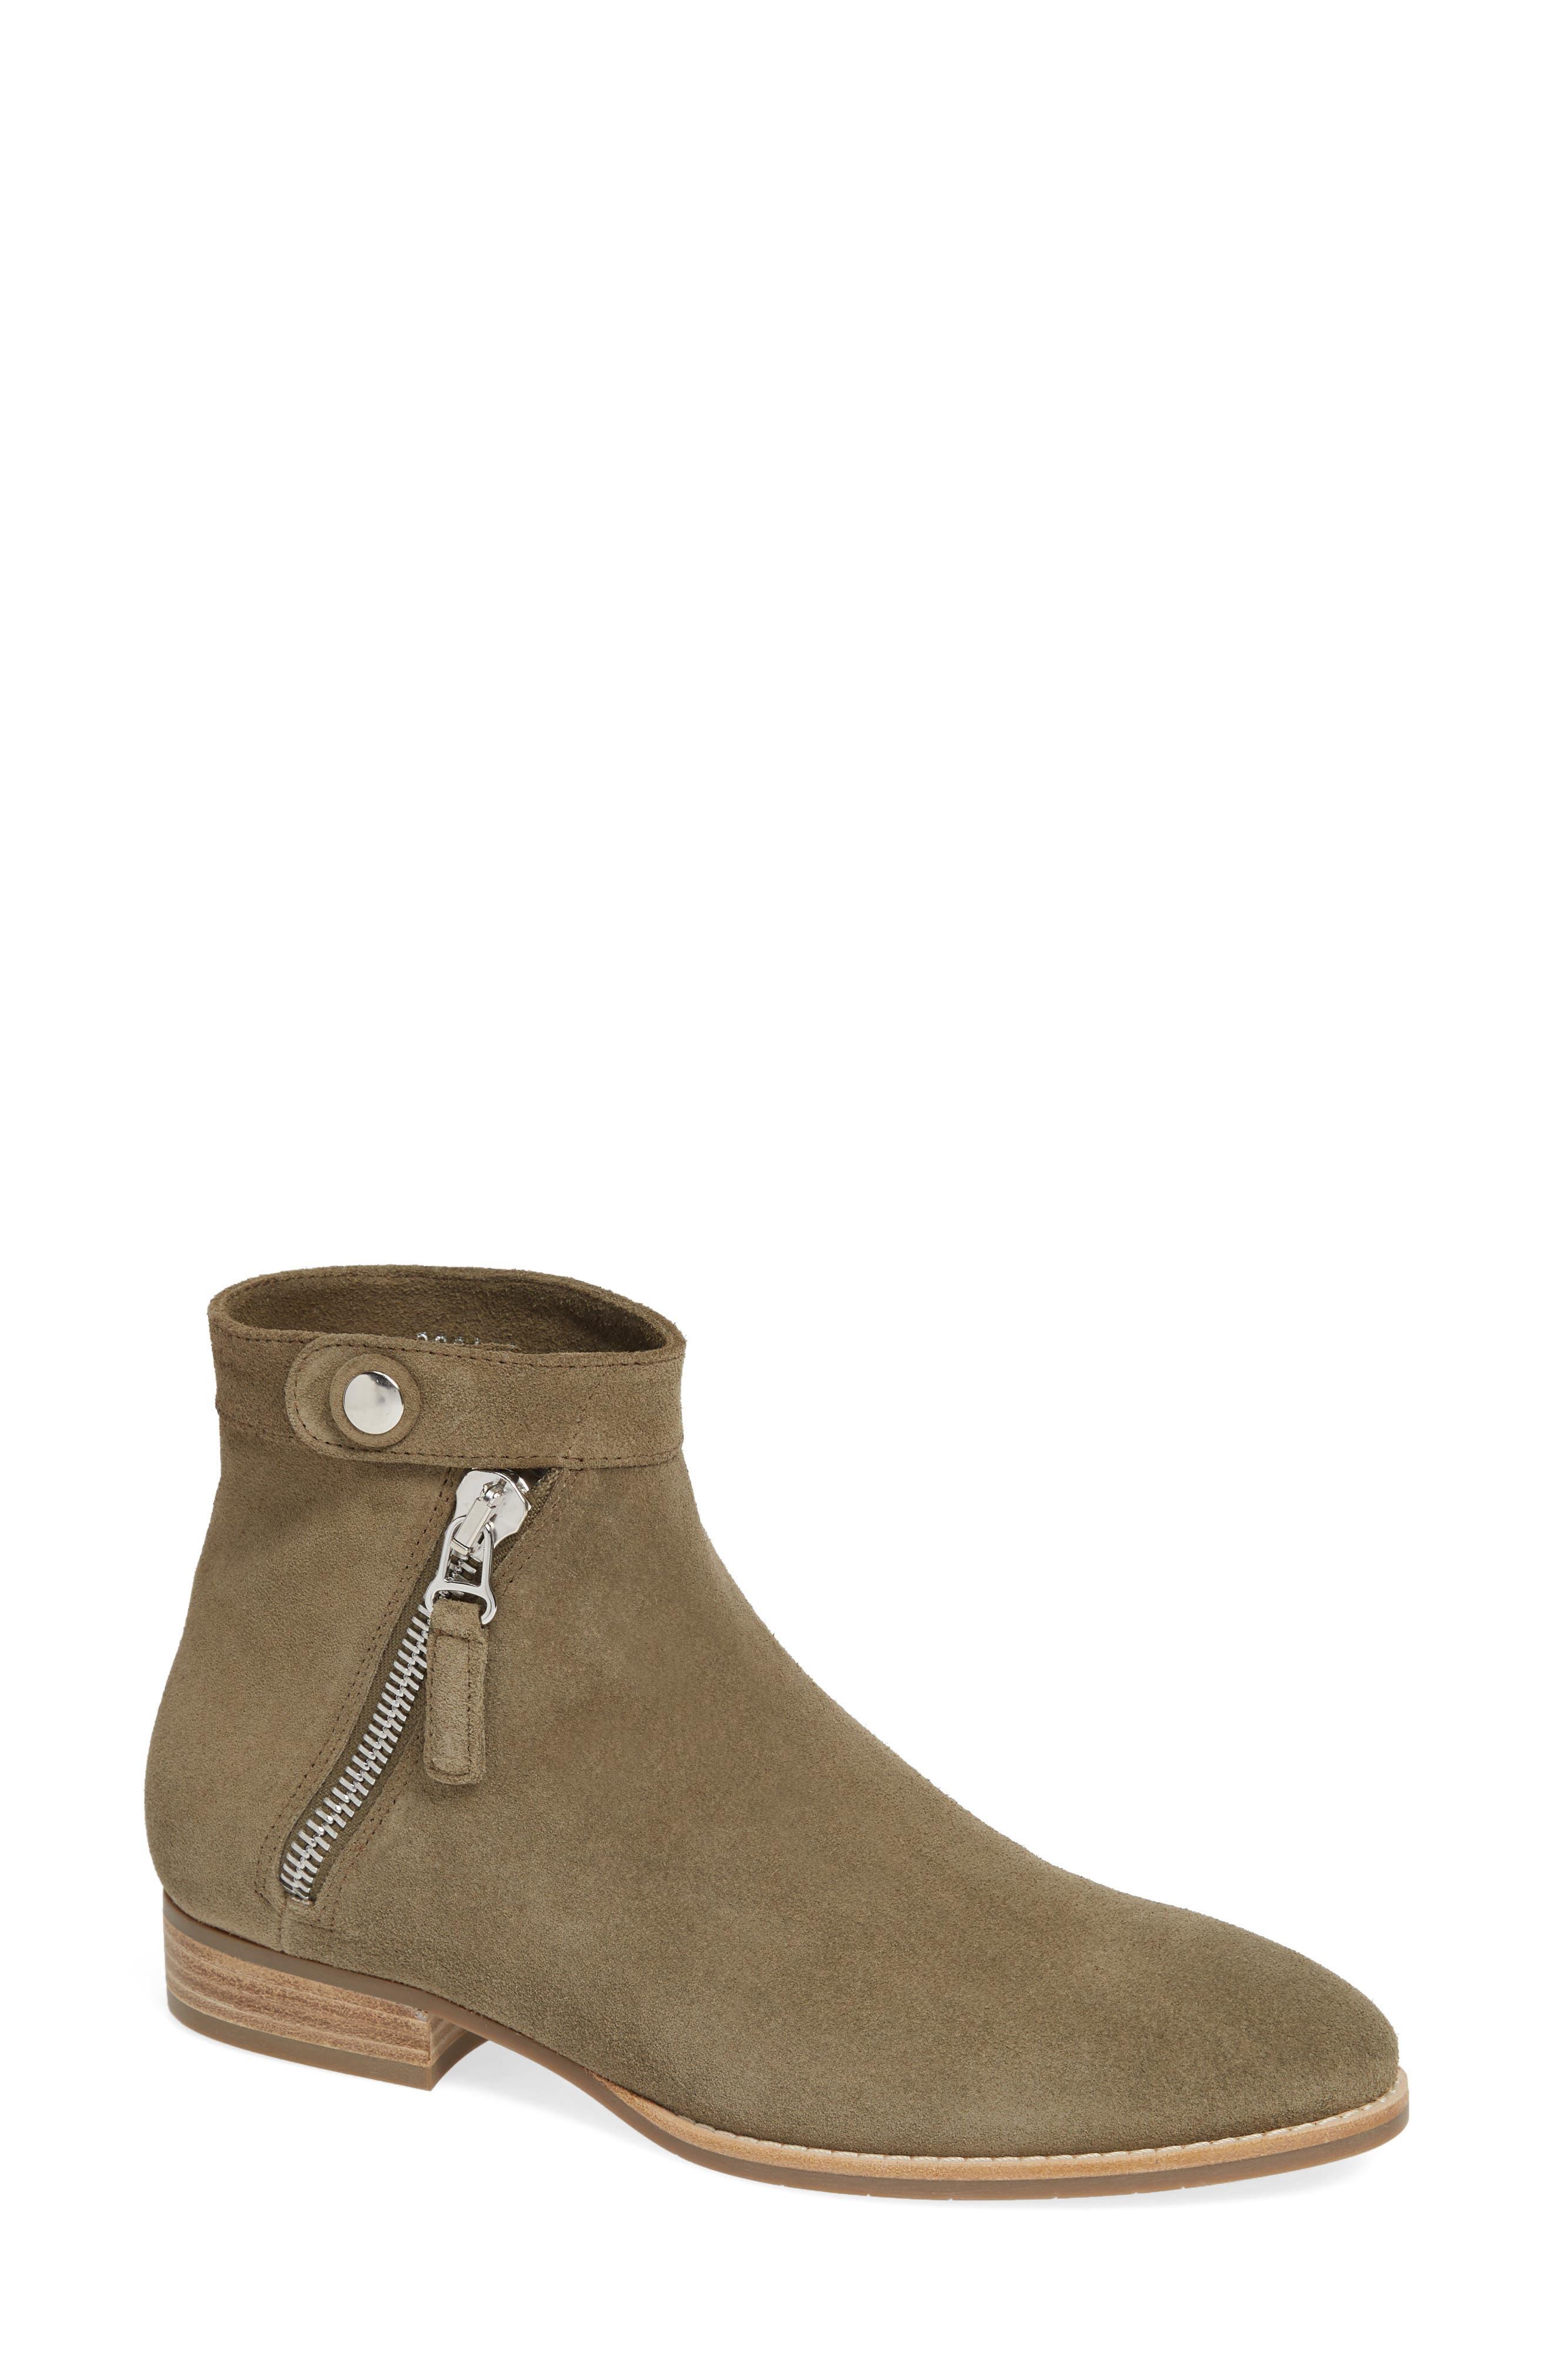 Aquatalia Rose Suede Boot- Green